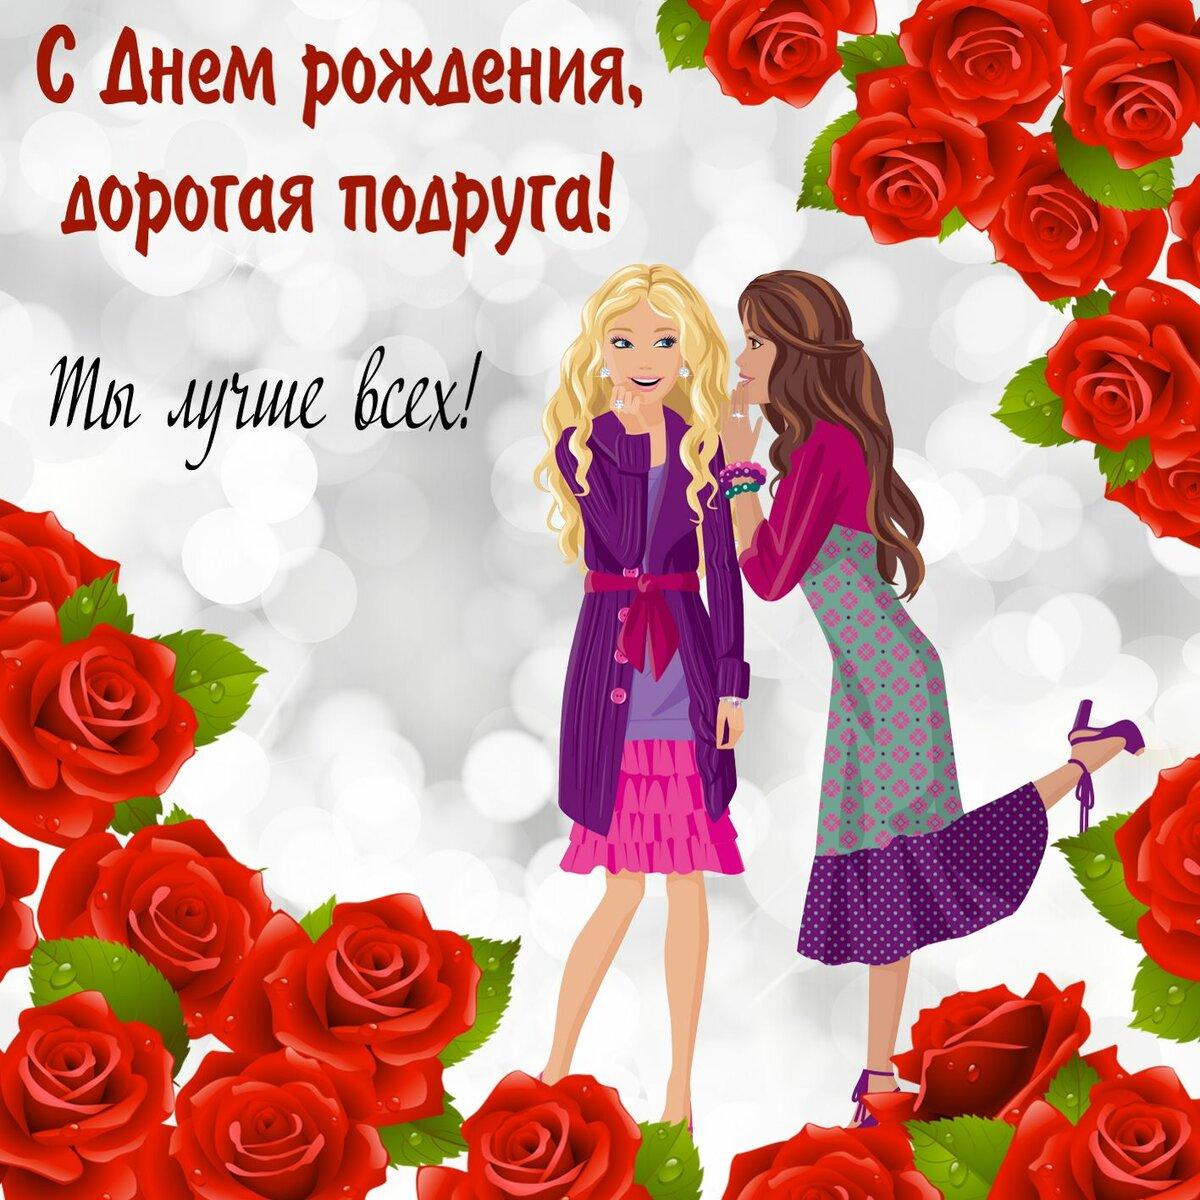 поздравления на день рождения подруге от подруг